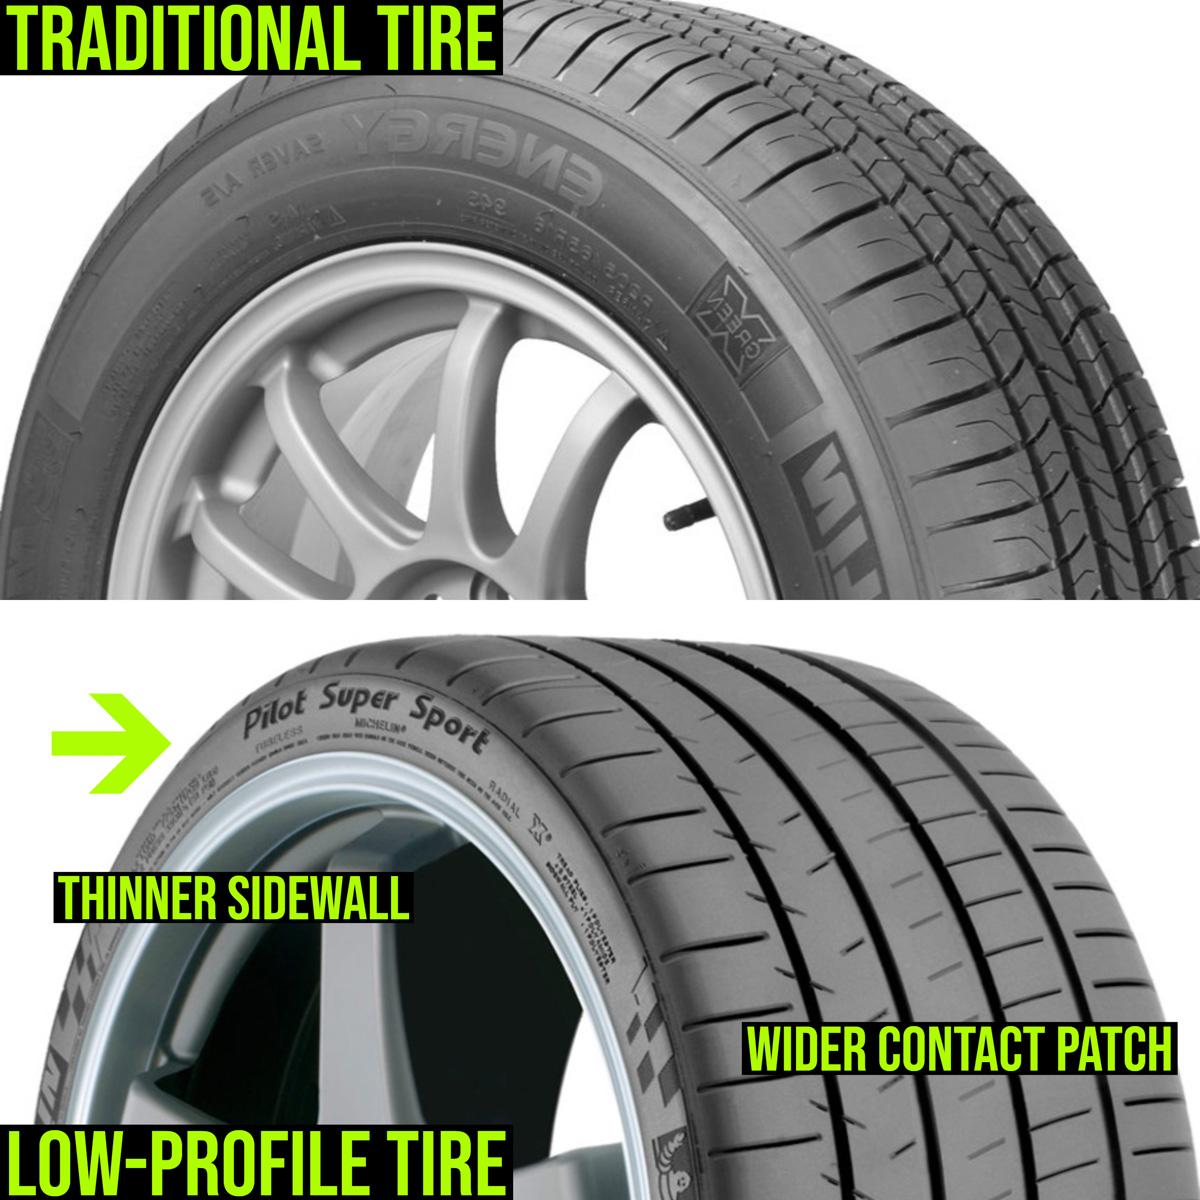 Low-Profile Tire Comparison